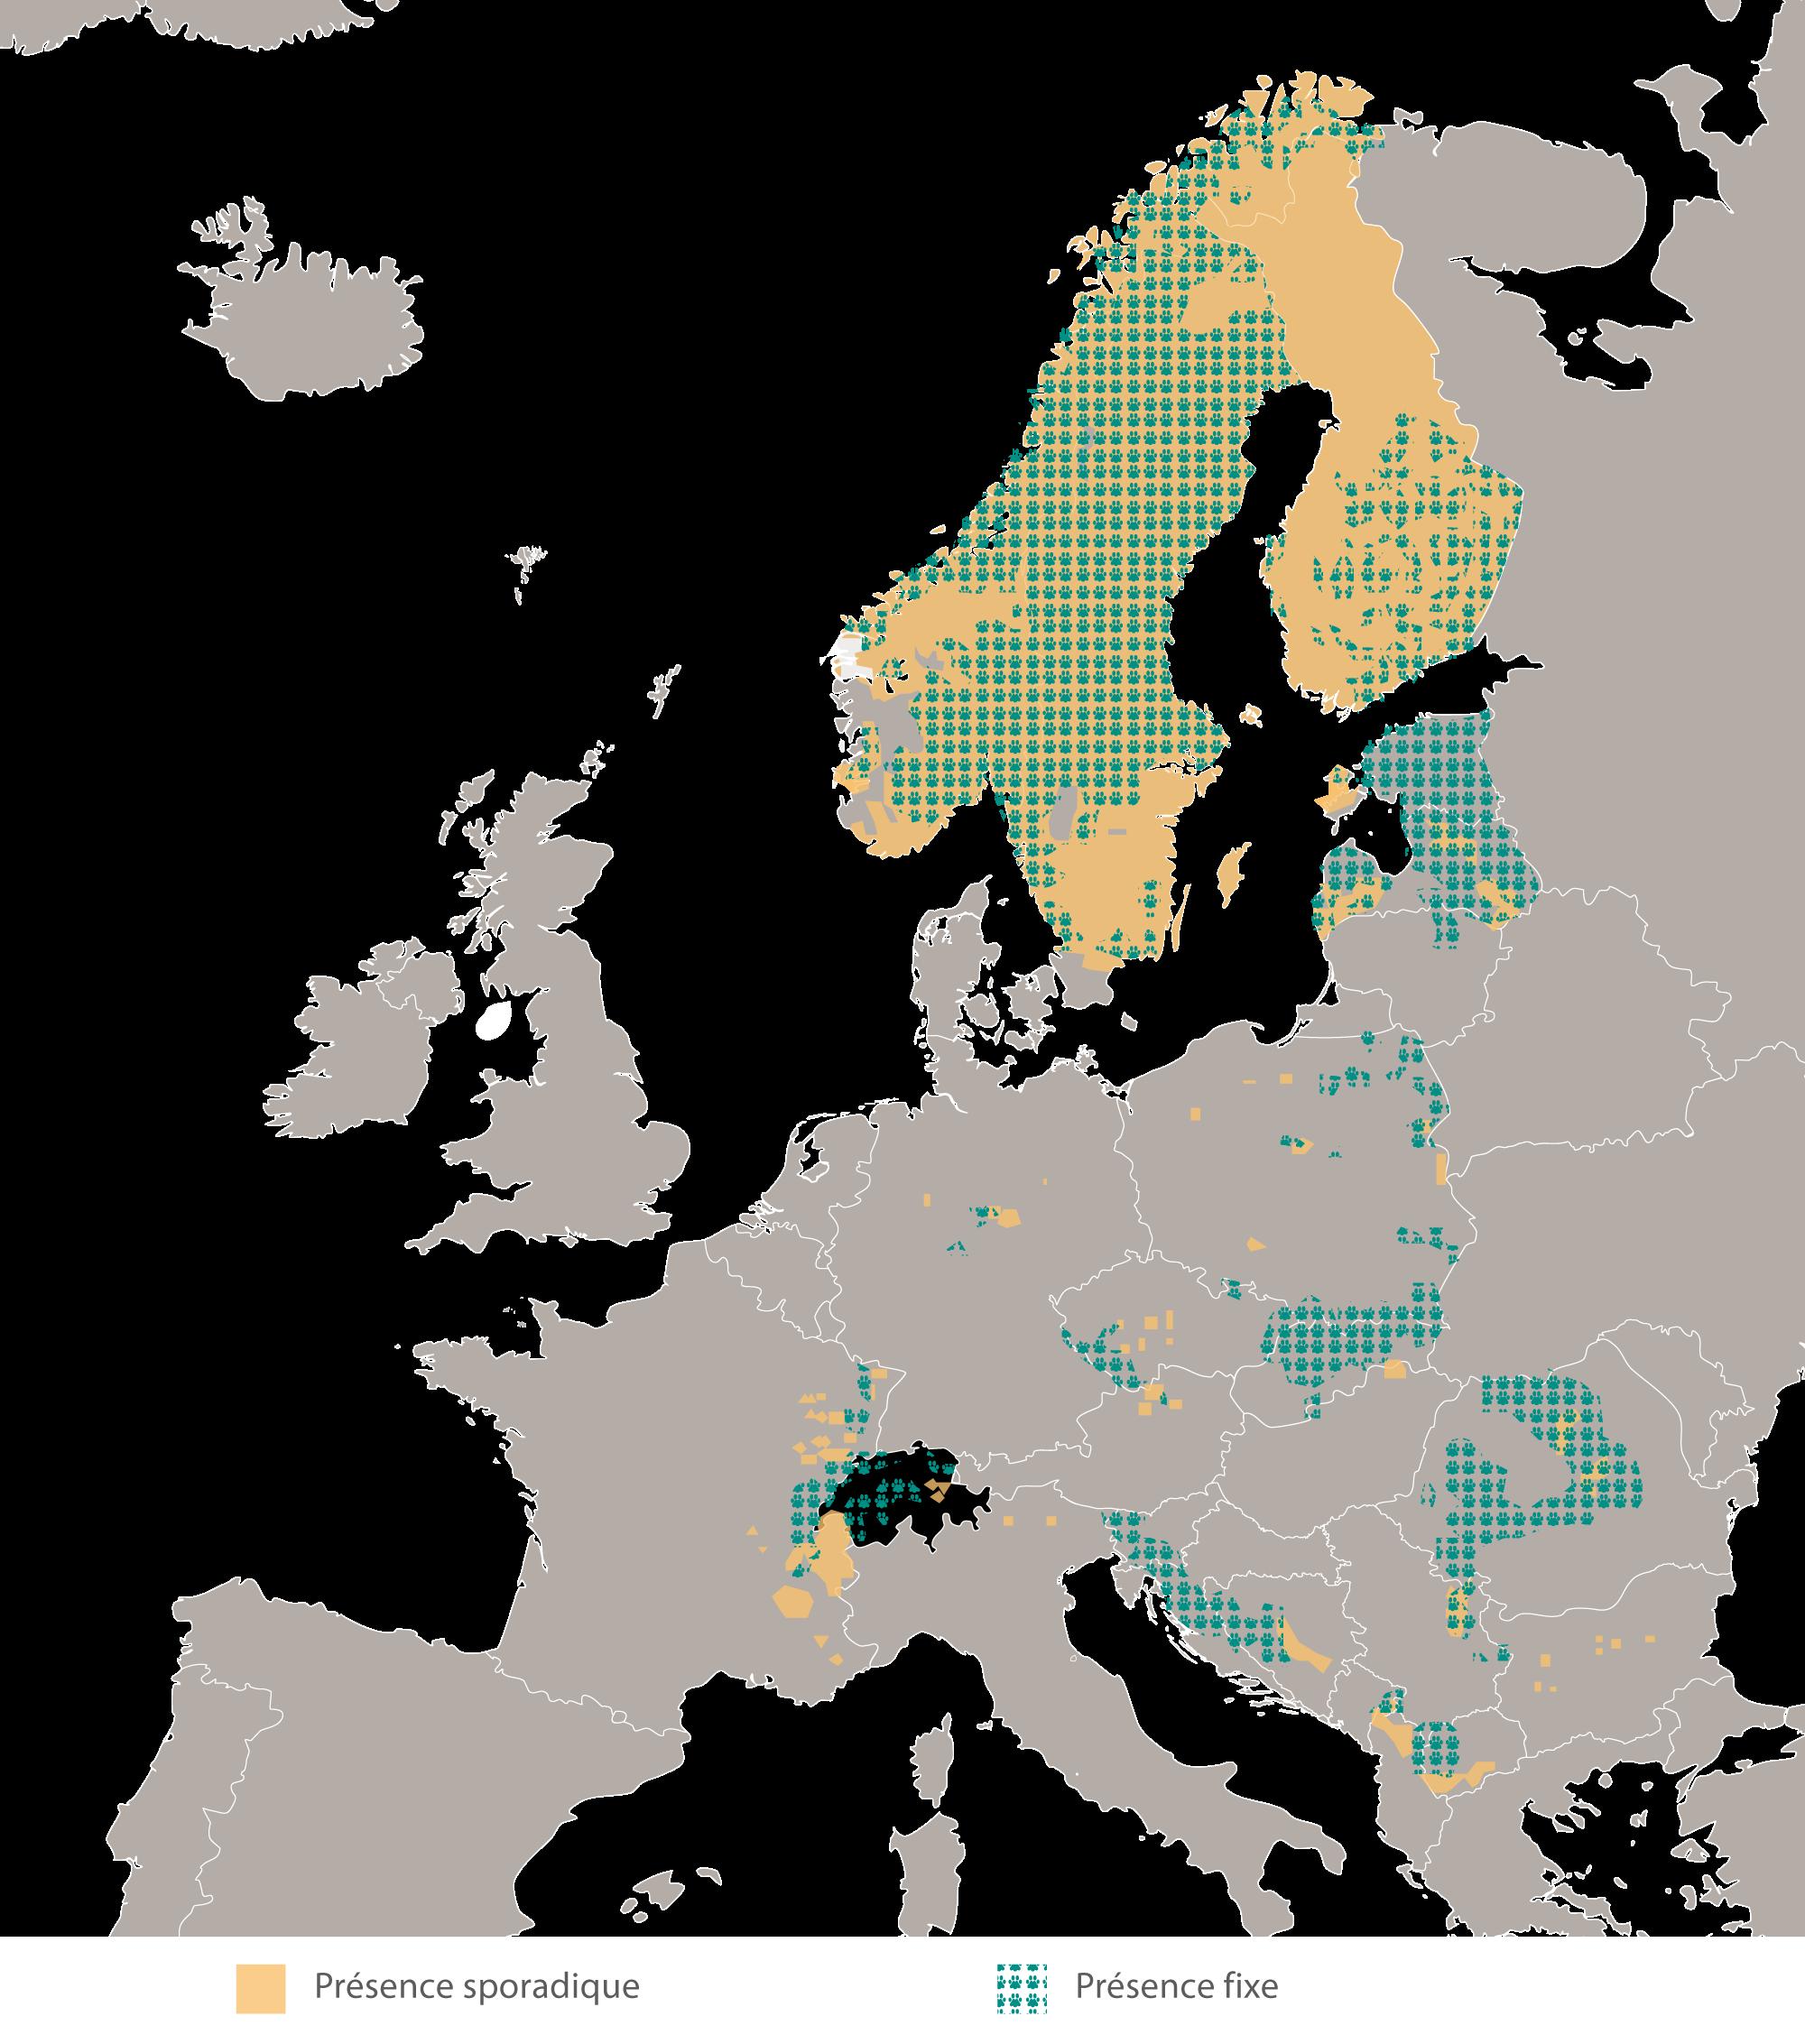 Aire de répartition géographique du lynx des Carpates en Europe 2012/2013. Source: Chapron et al. 2014.